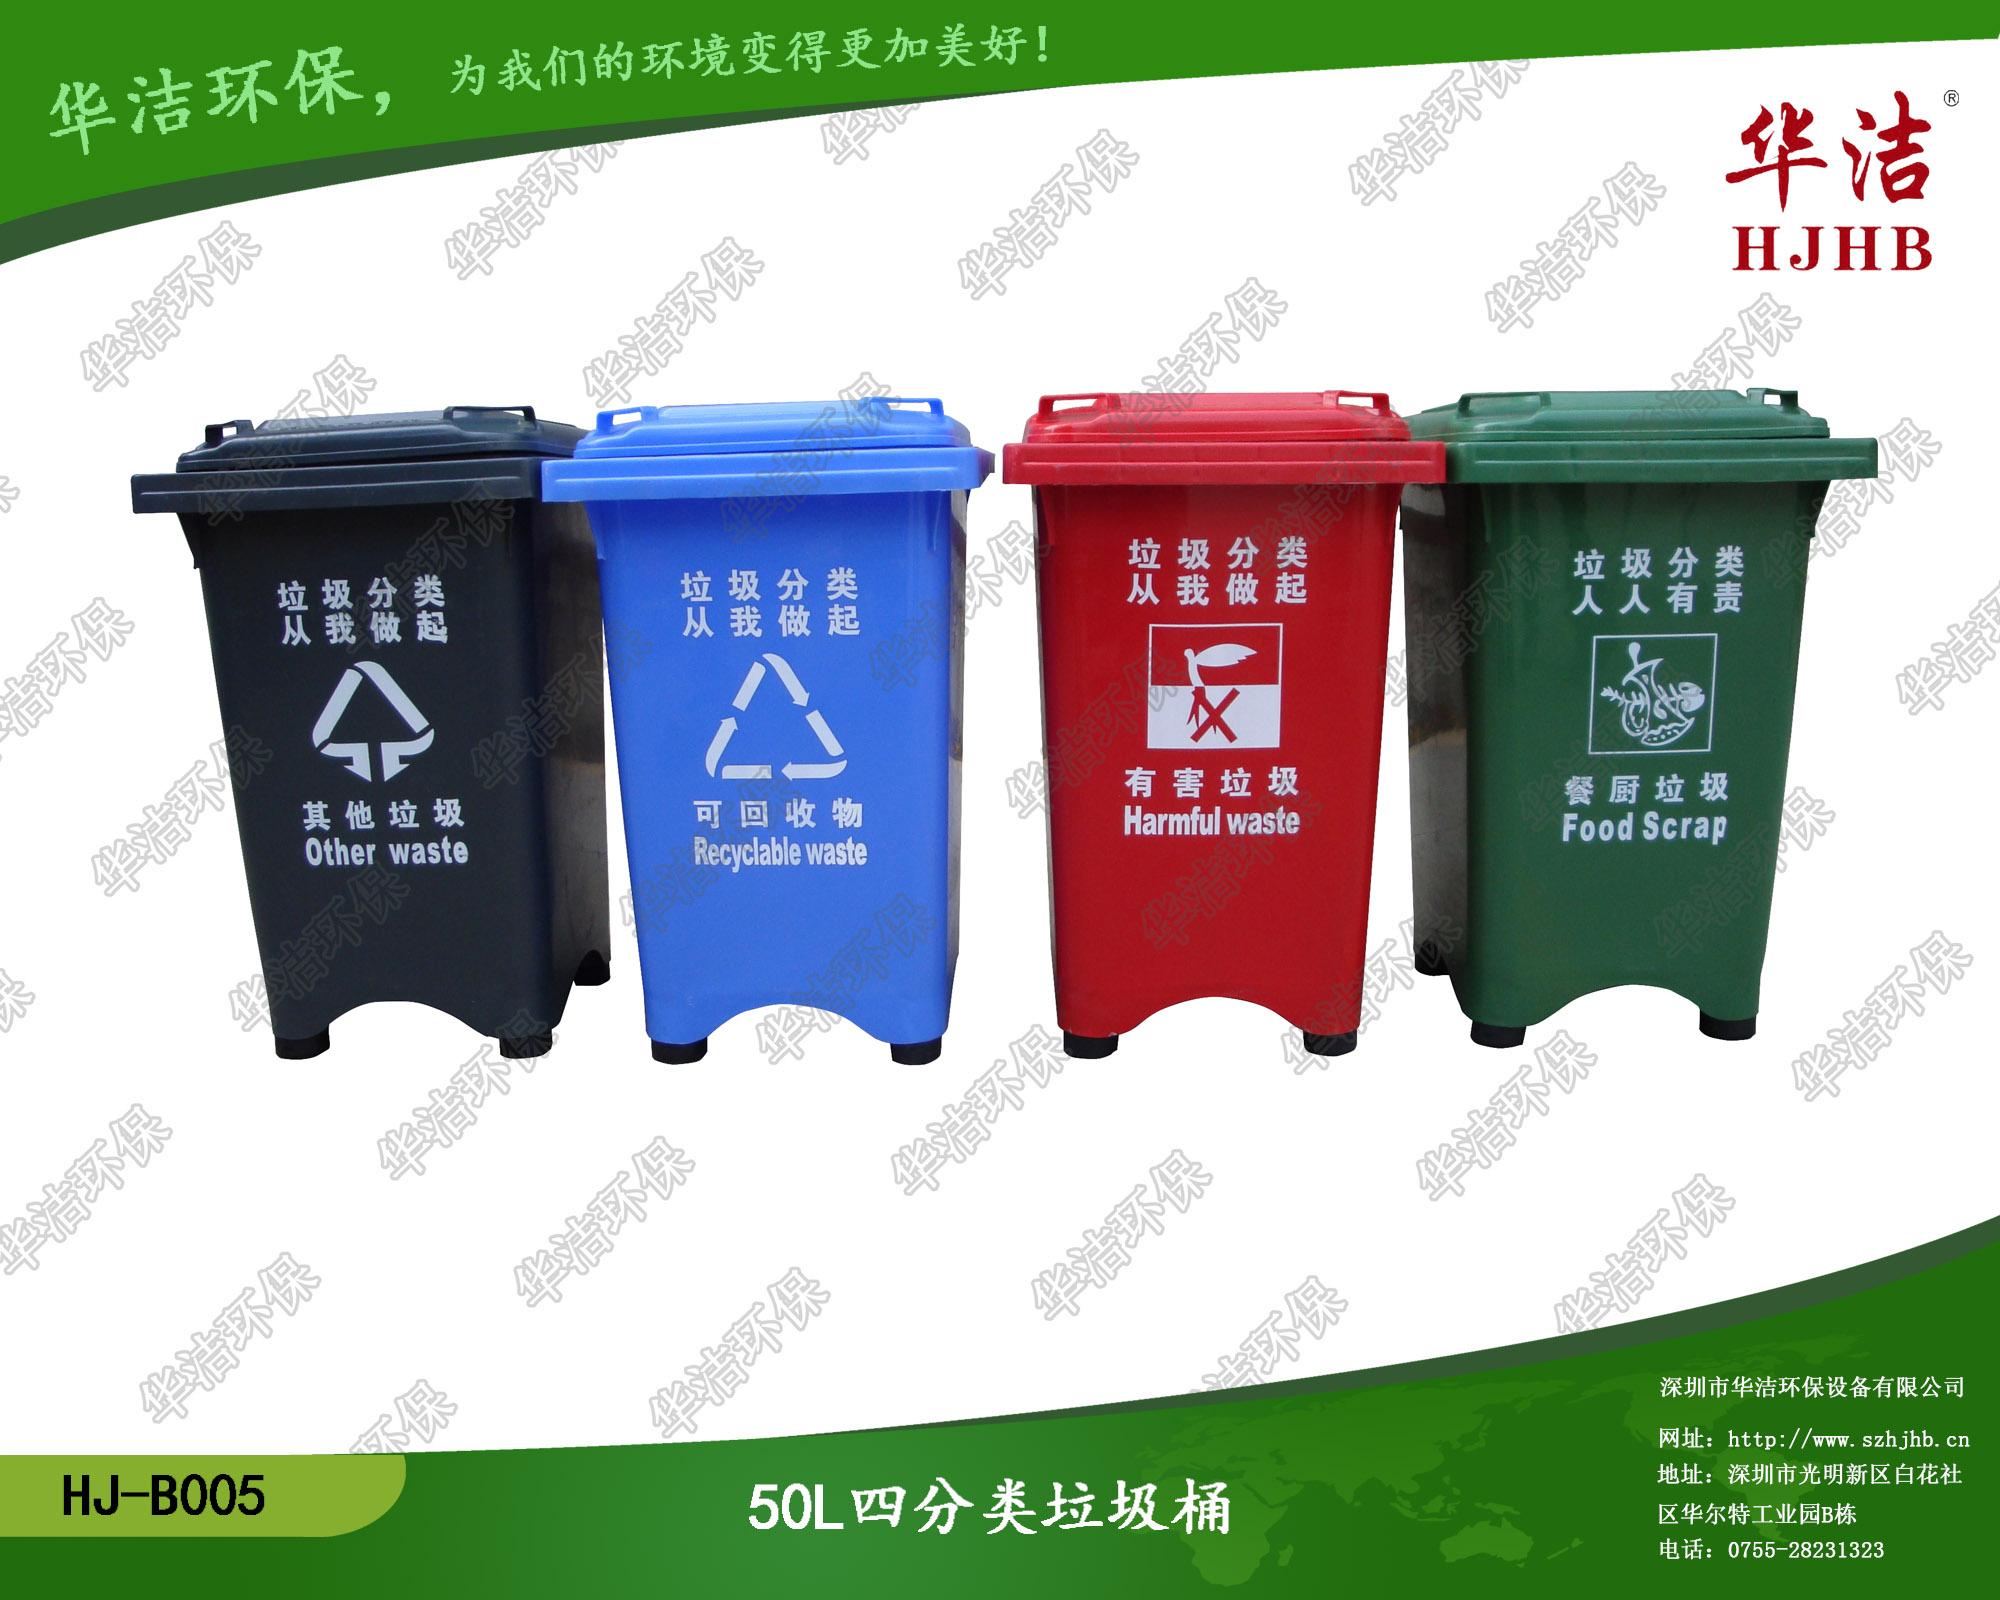 分类垃圾桶的颜色,标示分别代表什么?